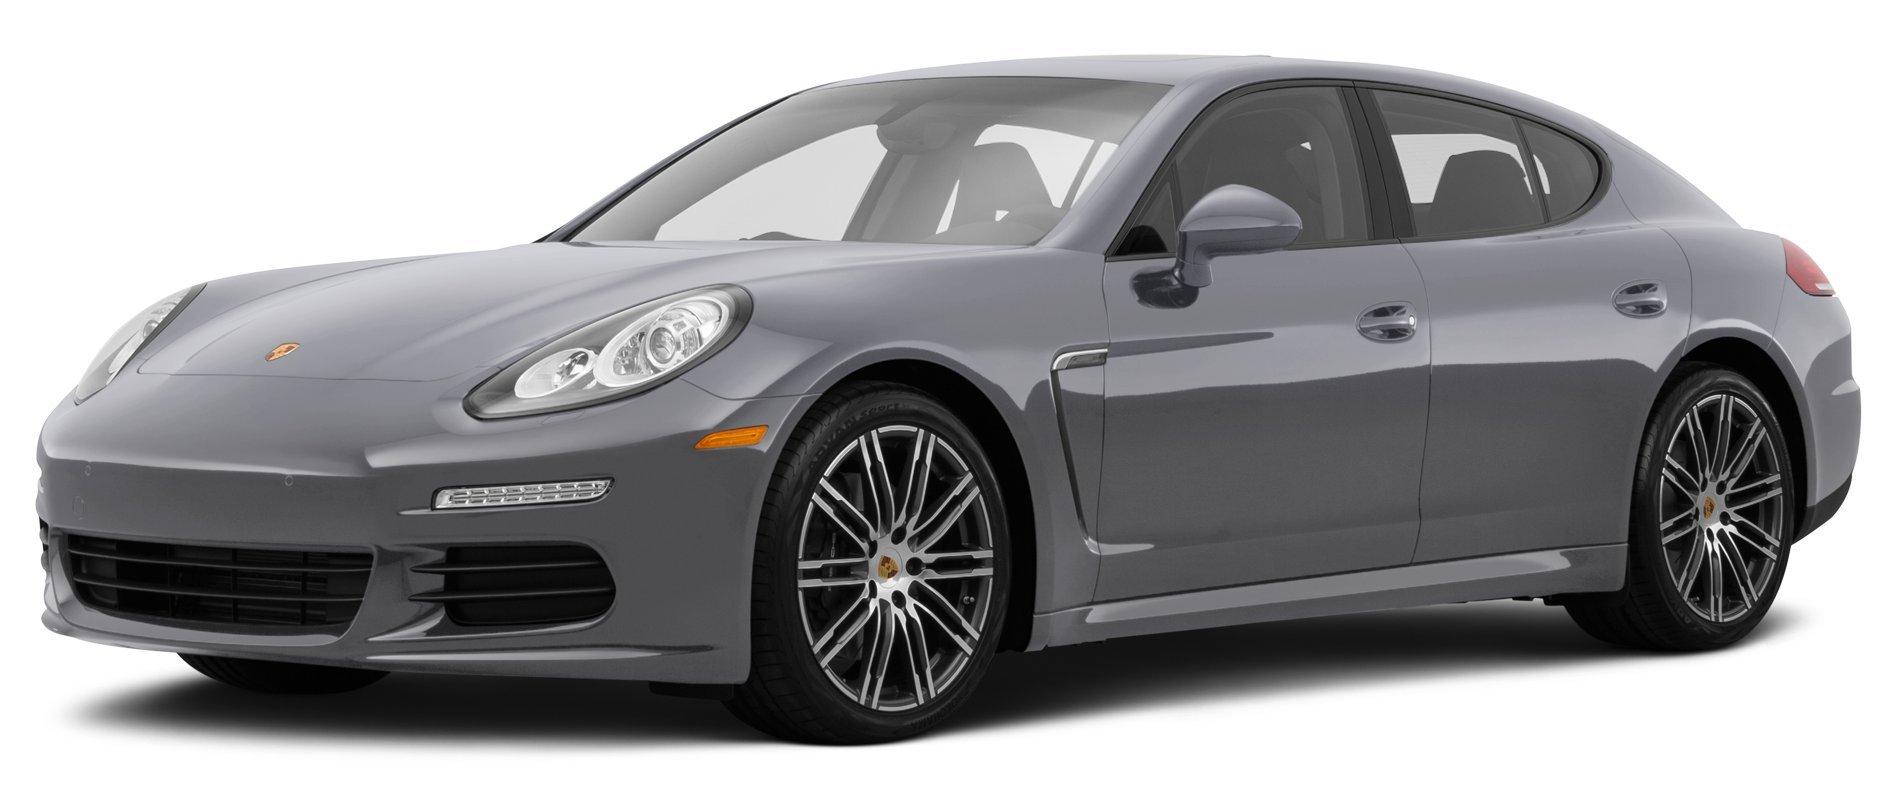 2015 Audi S7, 4-Door Hatchback, 2015 Porsche Panamera 4, 4-Door Hatchback ...